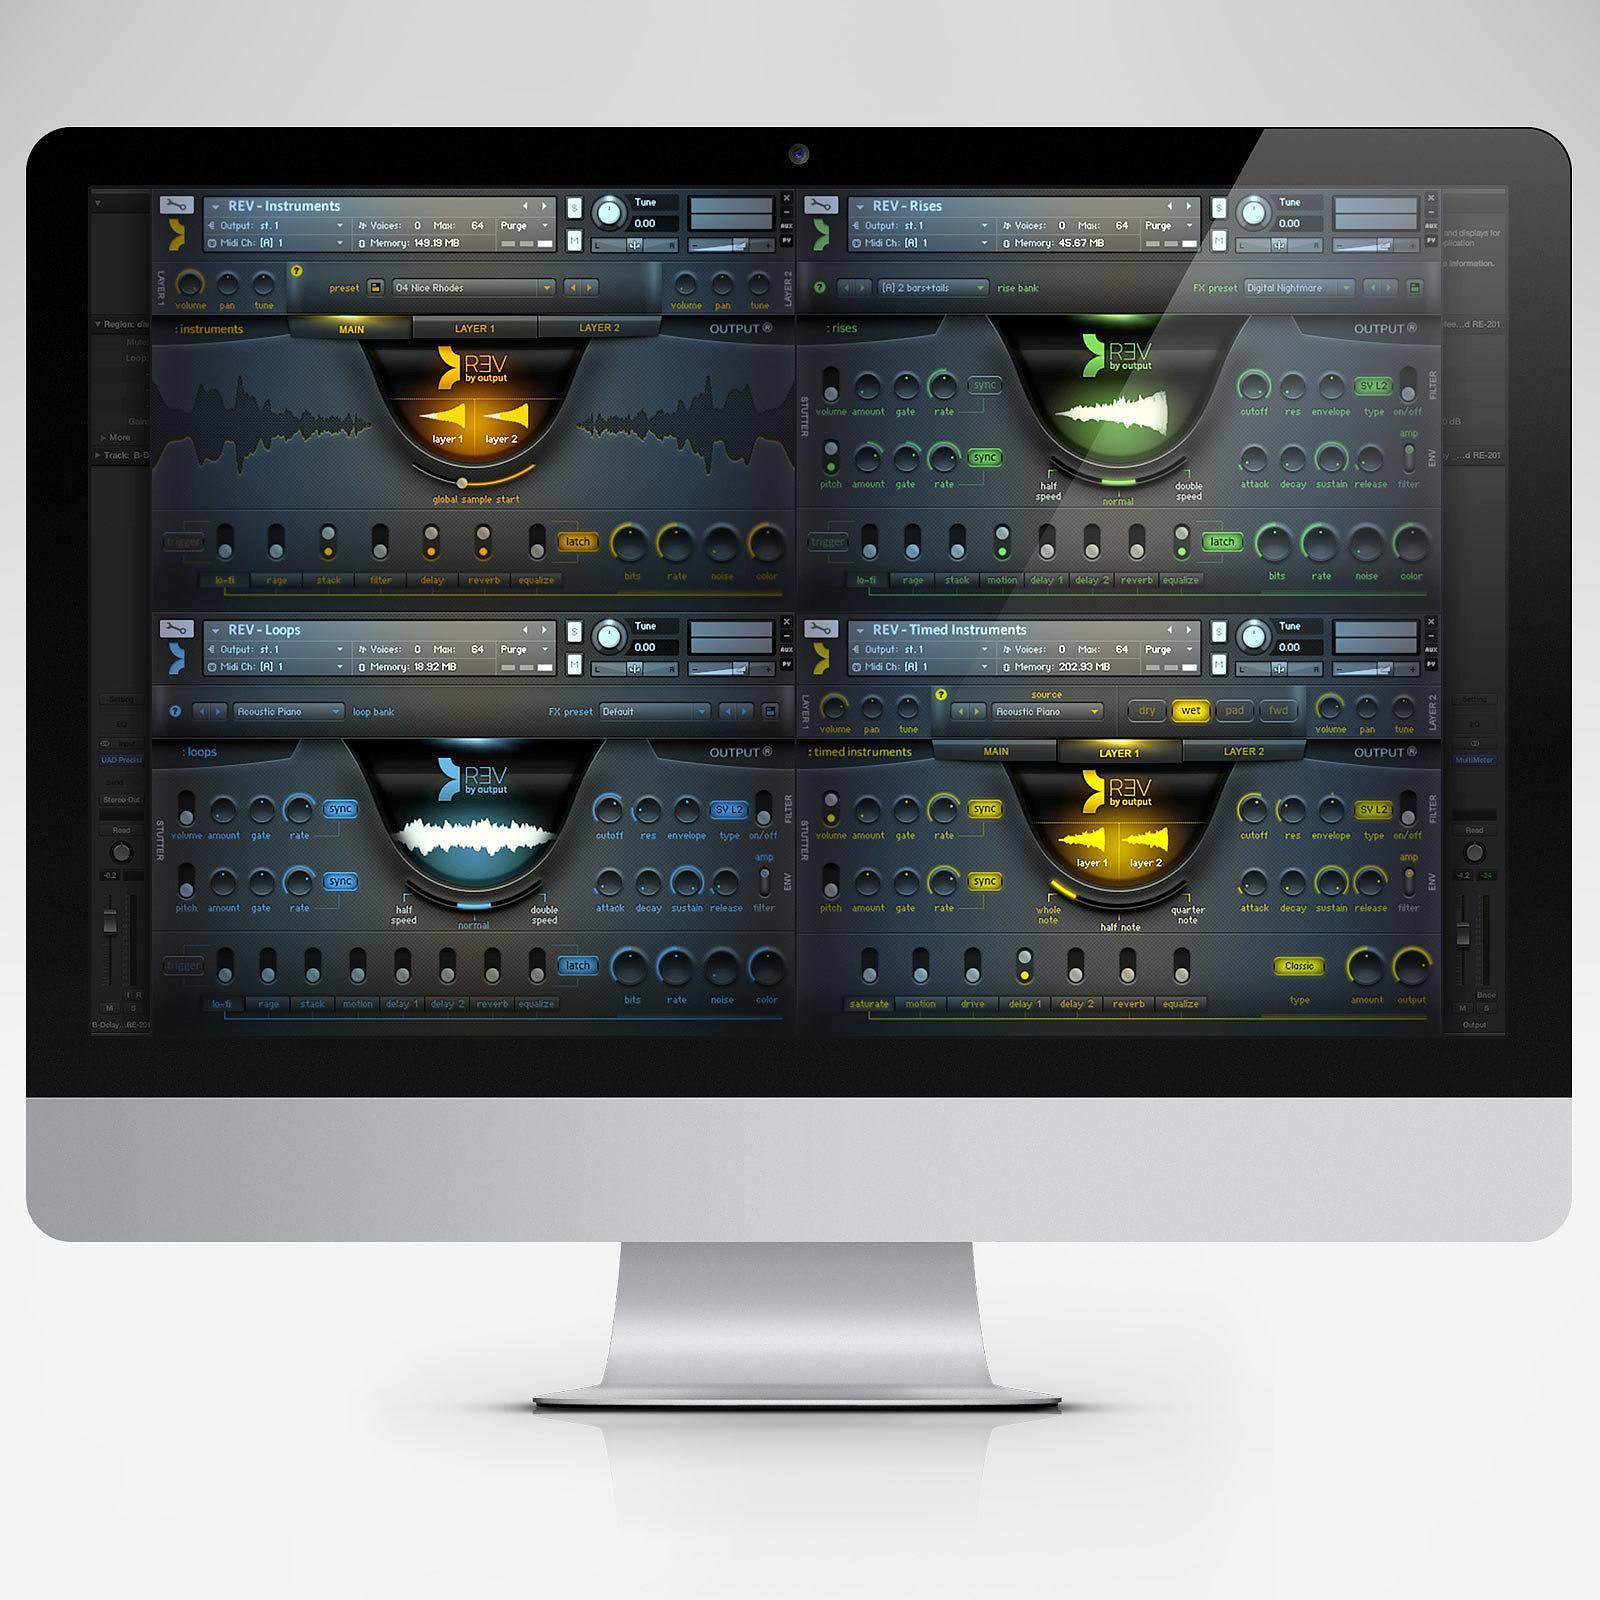 kontakt 5 mac keygen